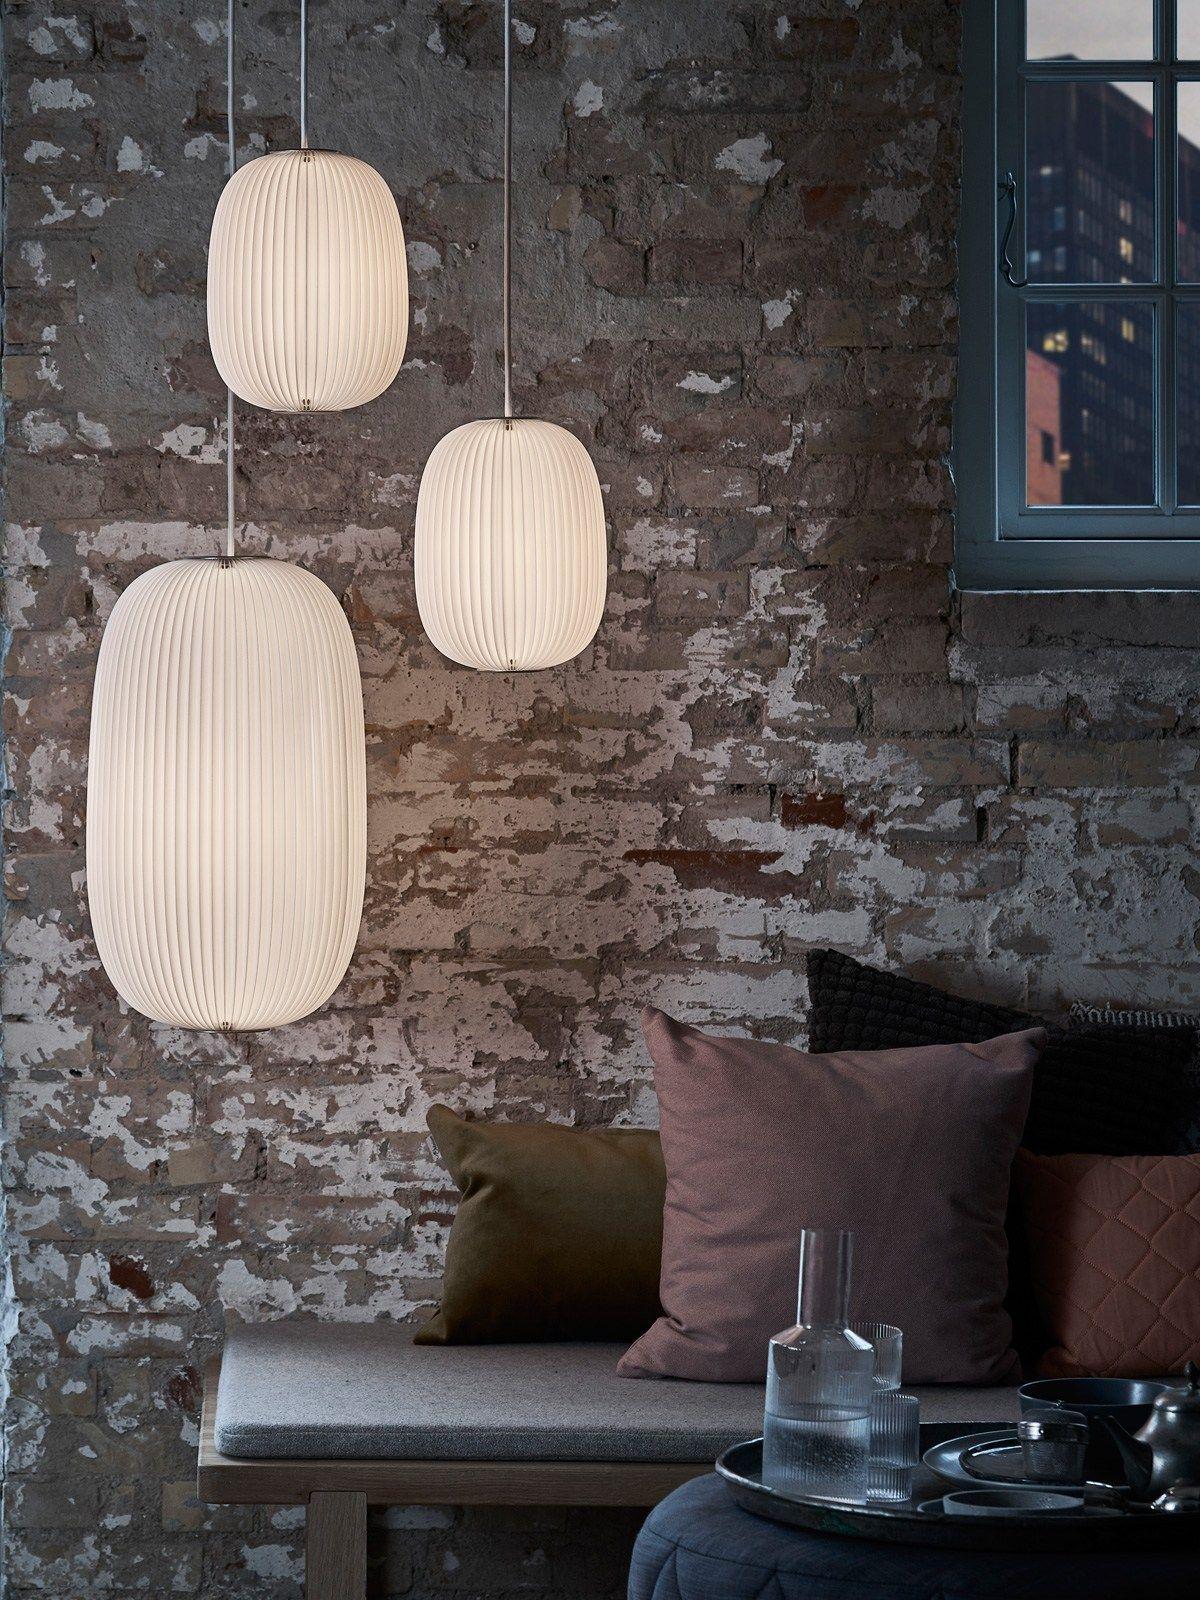 Lamella 2 Handgefaltete Pendelleuchte Von Le Klint In 3 Proportionen Design Leuchte Lampe Lampen Wohnzimmer Haus Design Plane Kleines Wohndesign